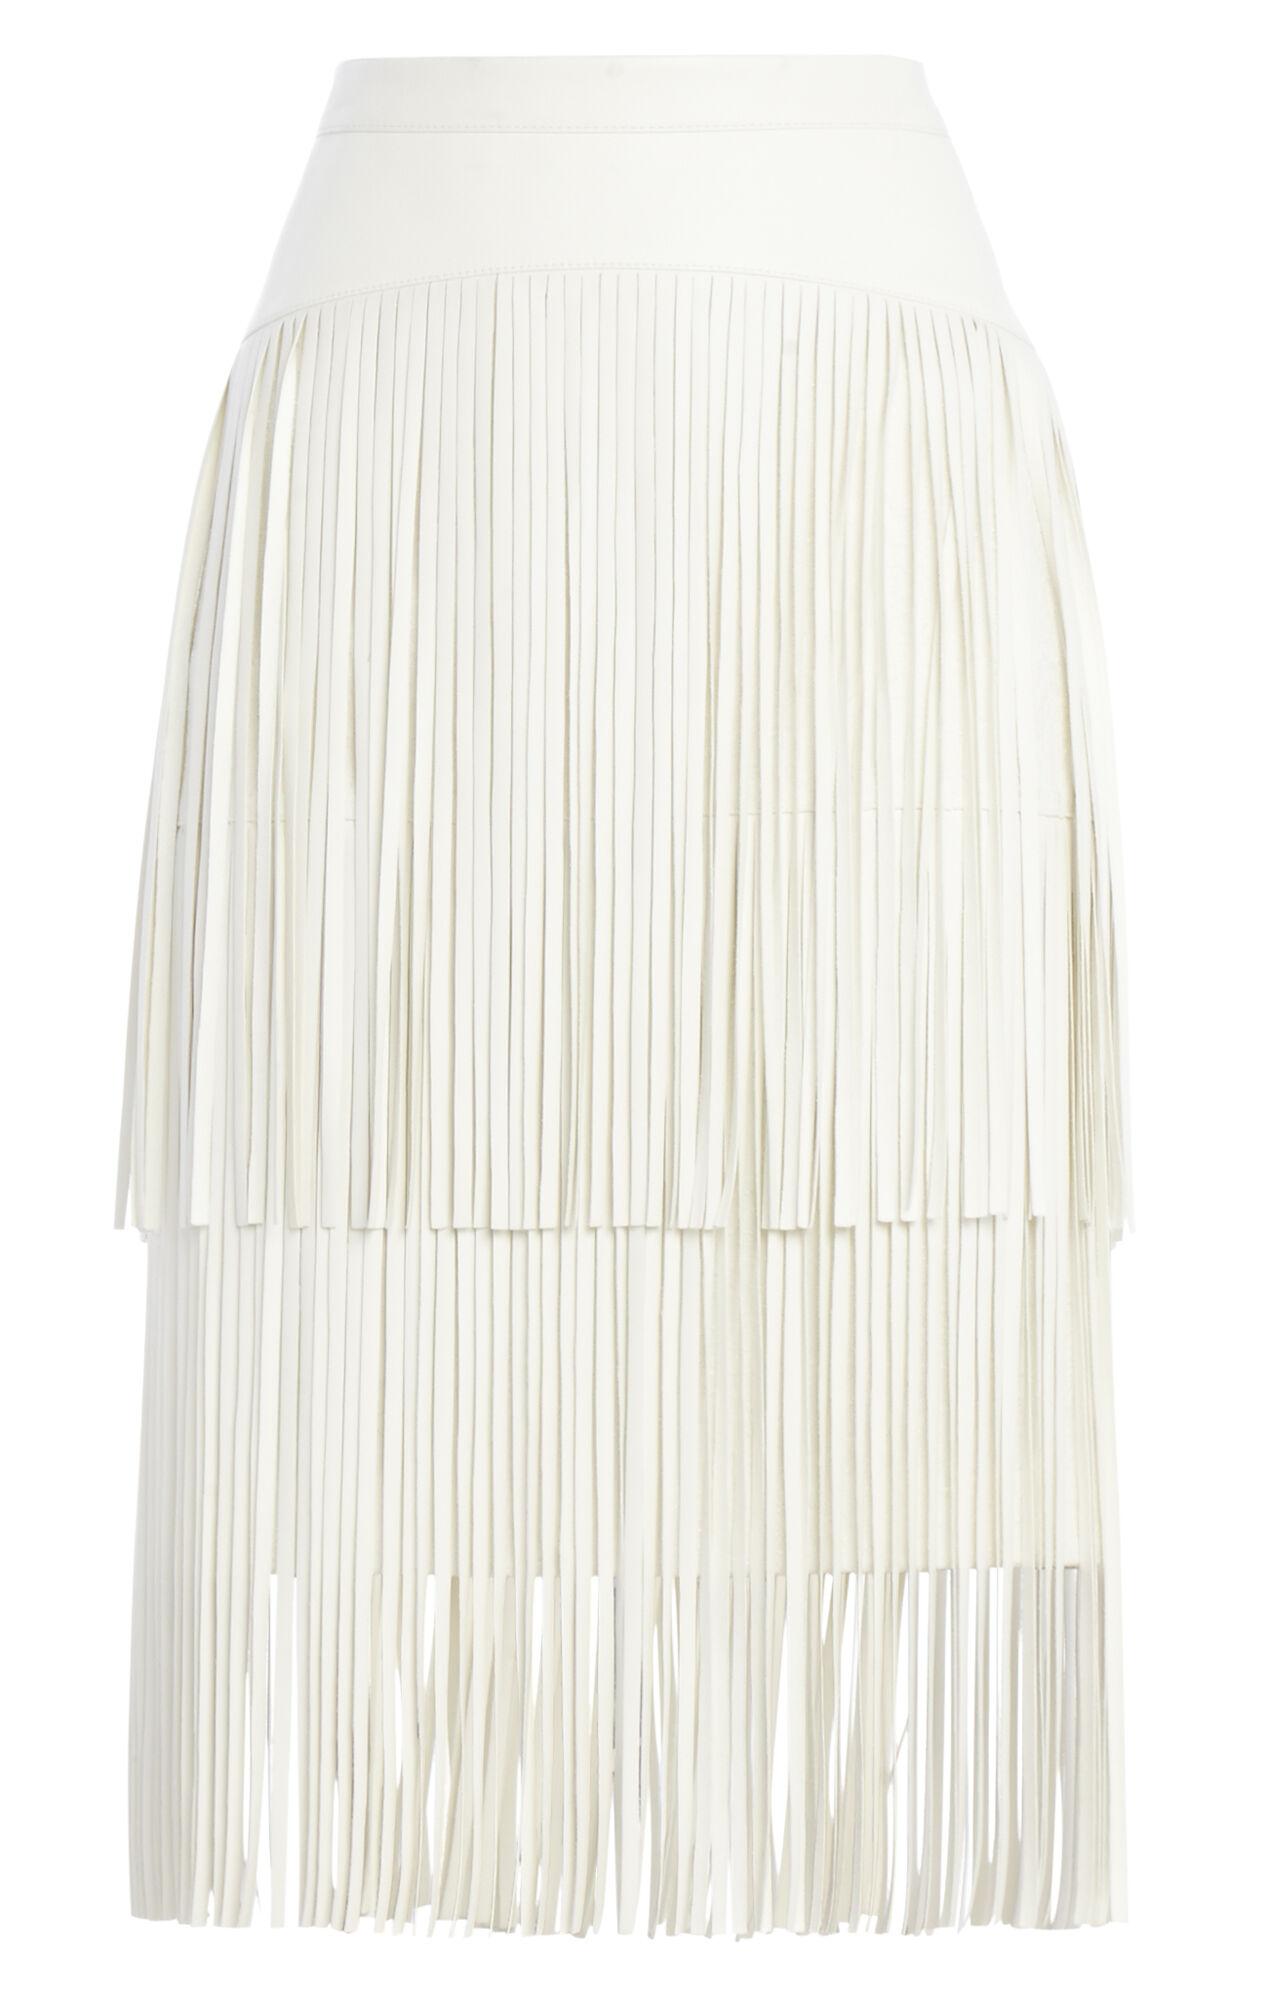 Rashell Fringe-Detail Pencil Skirt